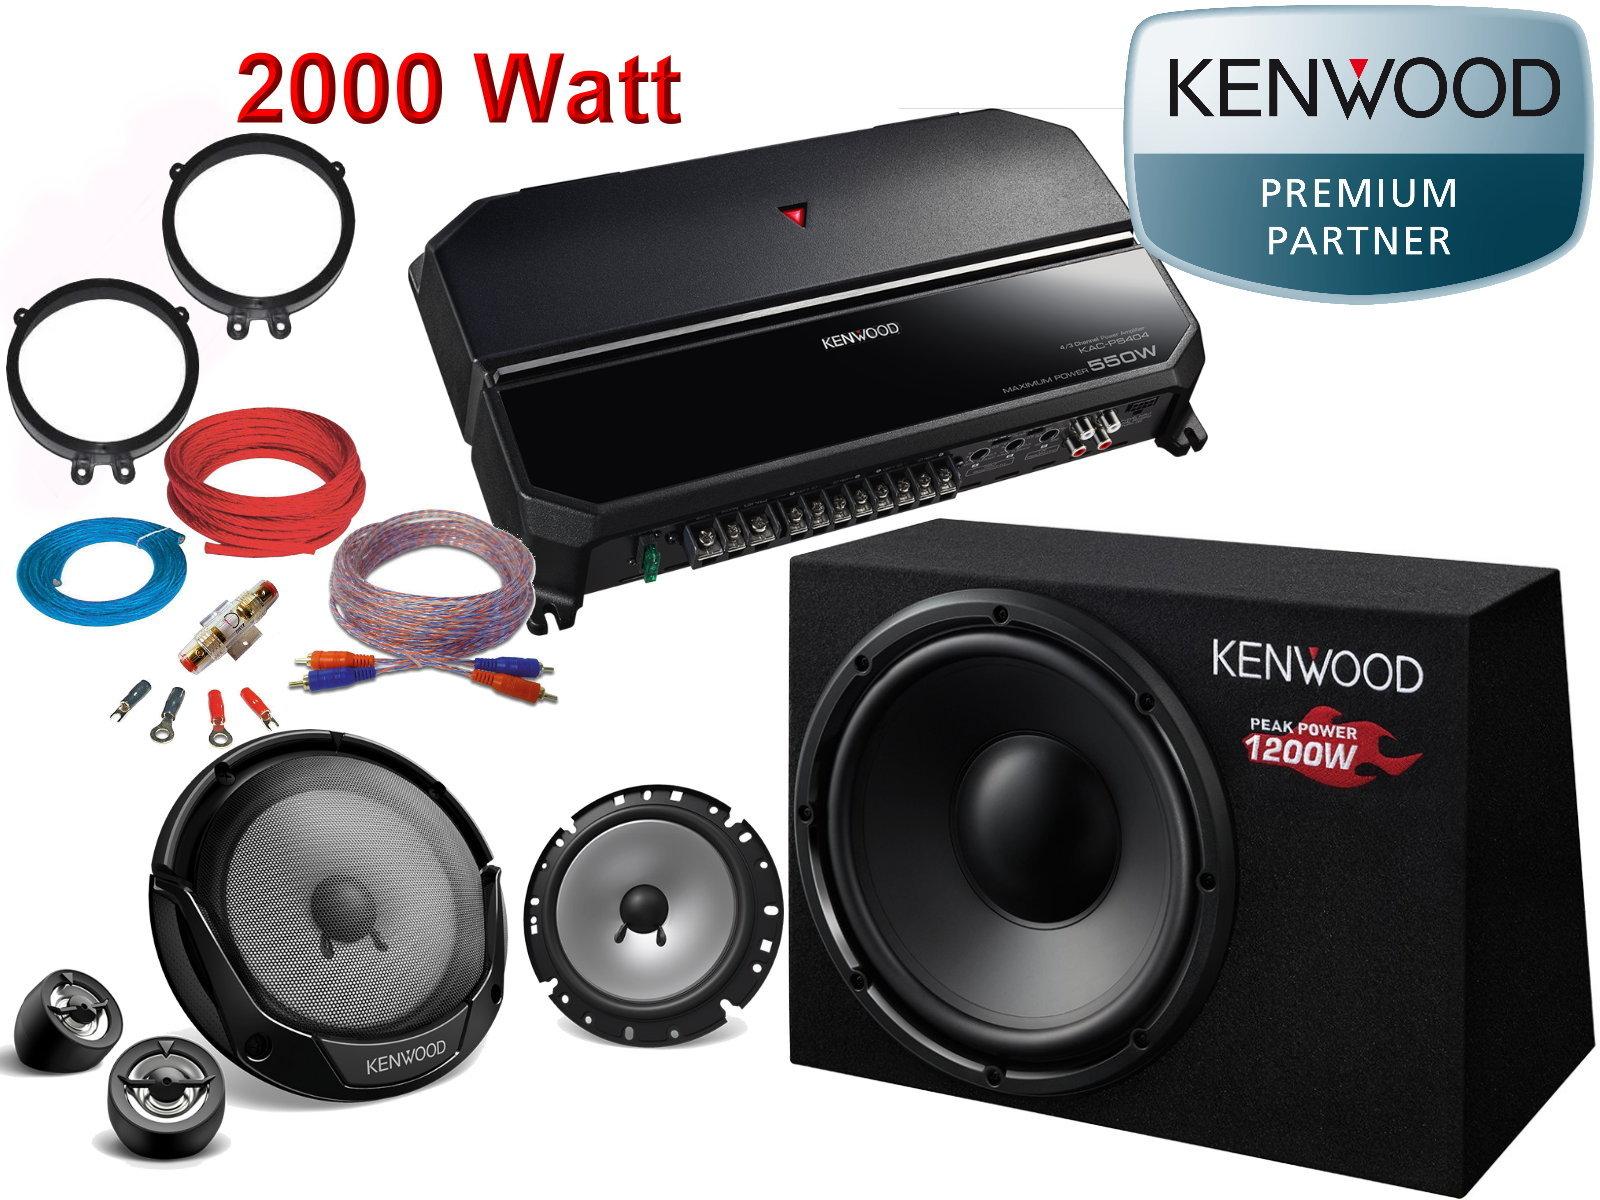 KENWOOD LAUTSPRECHER für MERCEDES C-KLASSE W203 2000-2007 Front Vorn 250W #AX0O